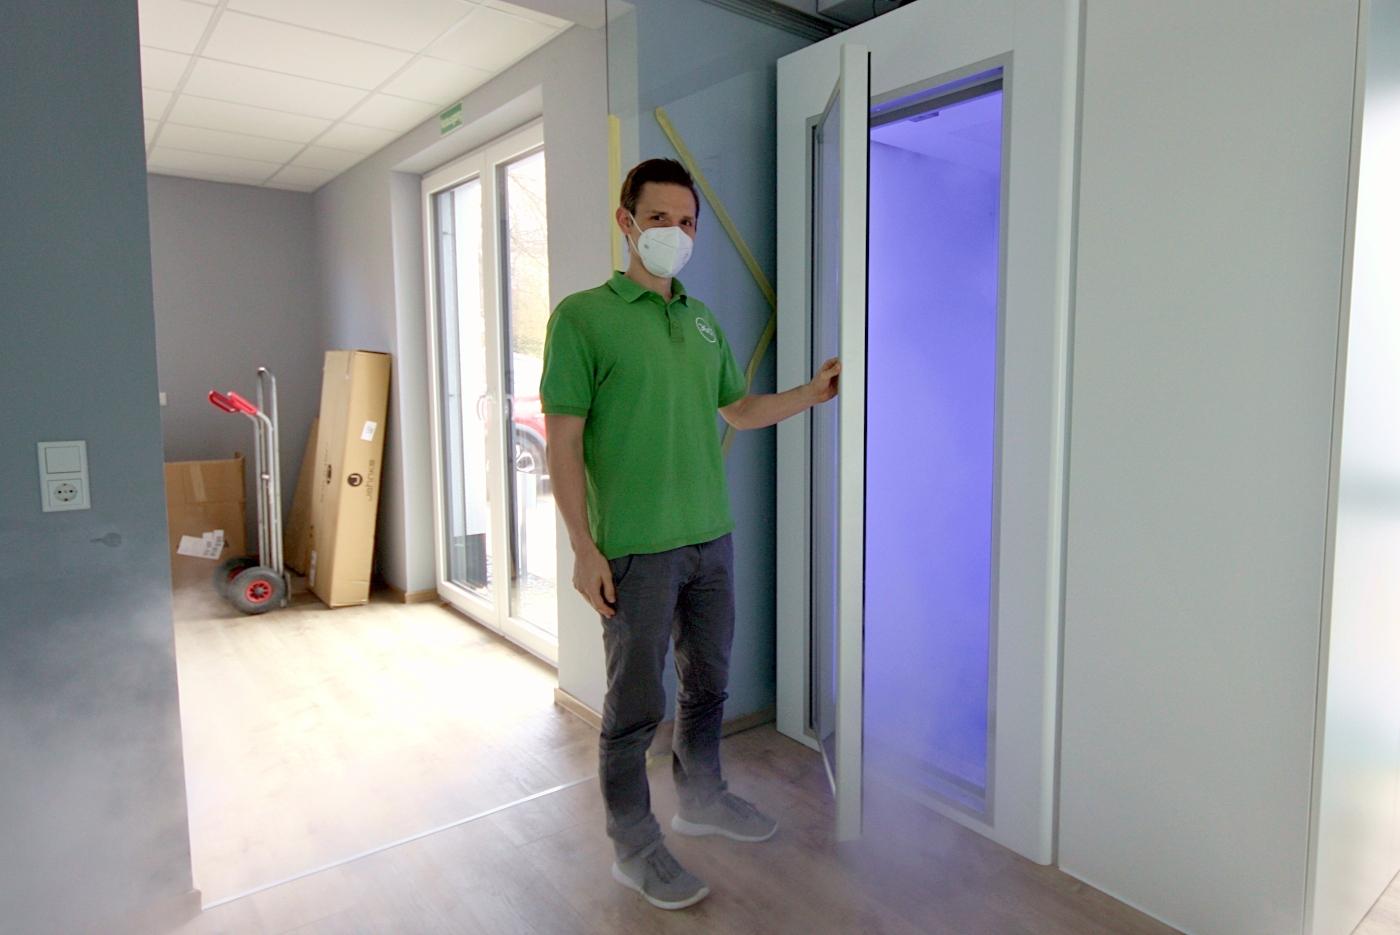 Malte Herberhold hat gerade die Tür für die neue Kältekammer seiner Physiotherapie-Praxis 360 Grad geöffnet. Noch sind die Räume einer ehemaligen Fahrschule nicht vollständig hergerichtet. Sie sind im selben Gebäude, in dem auch die Praxis ihren Platz hat. Foto: Thomas Dohna